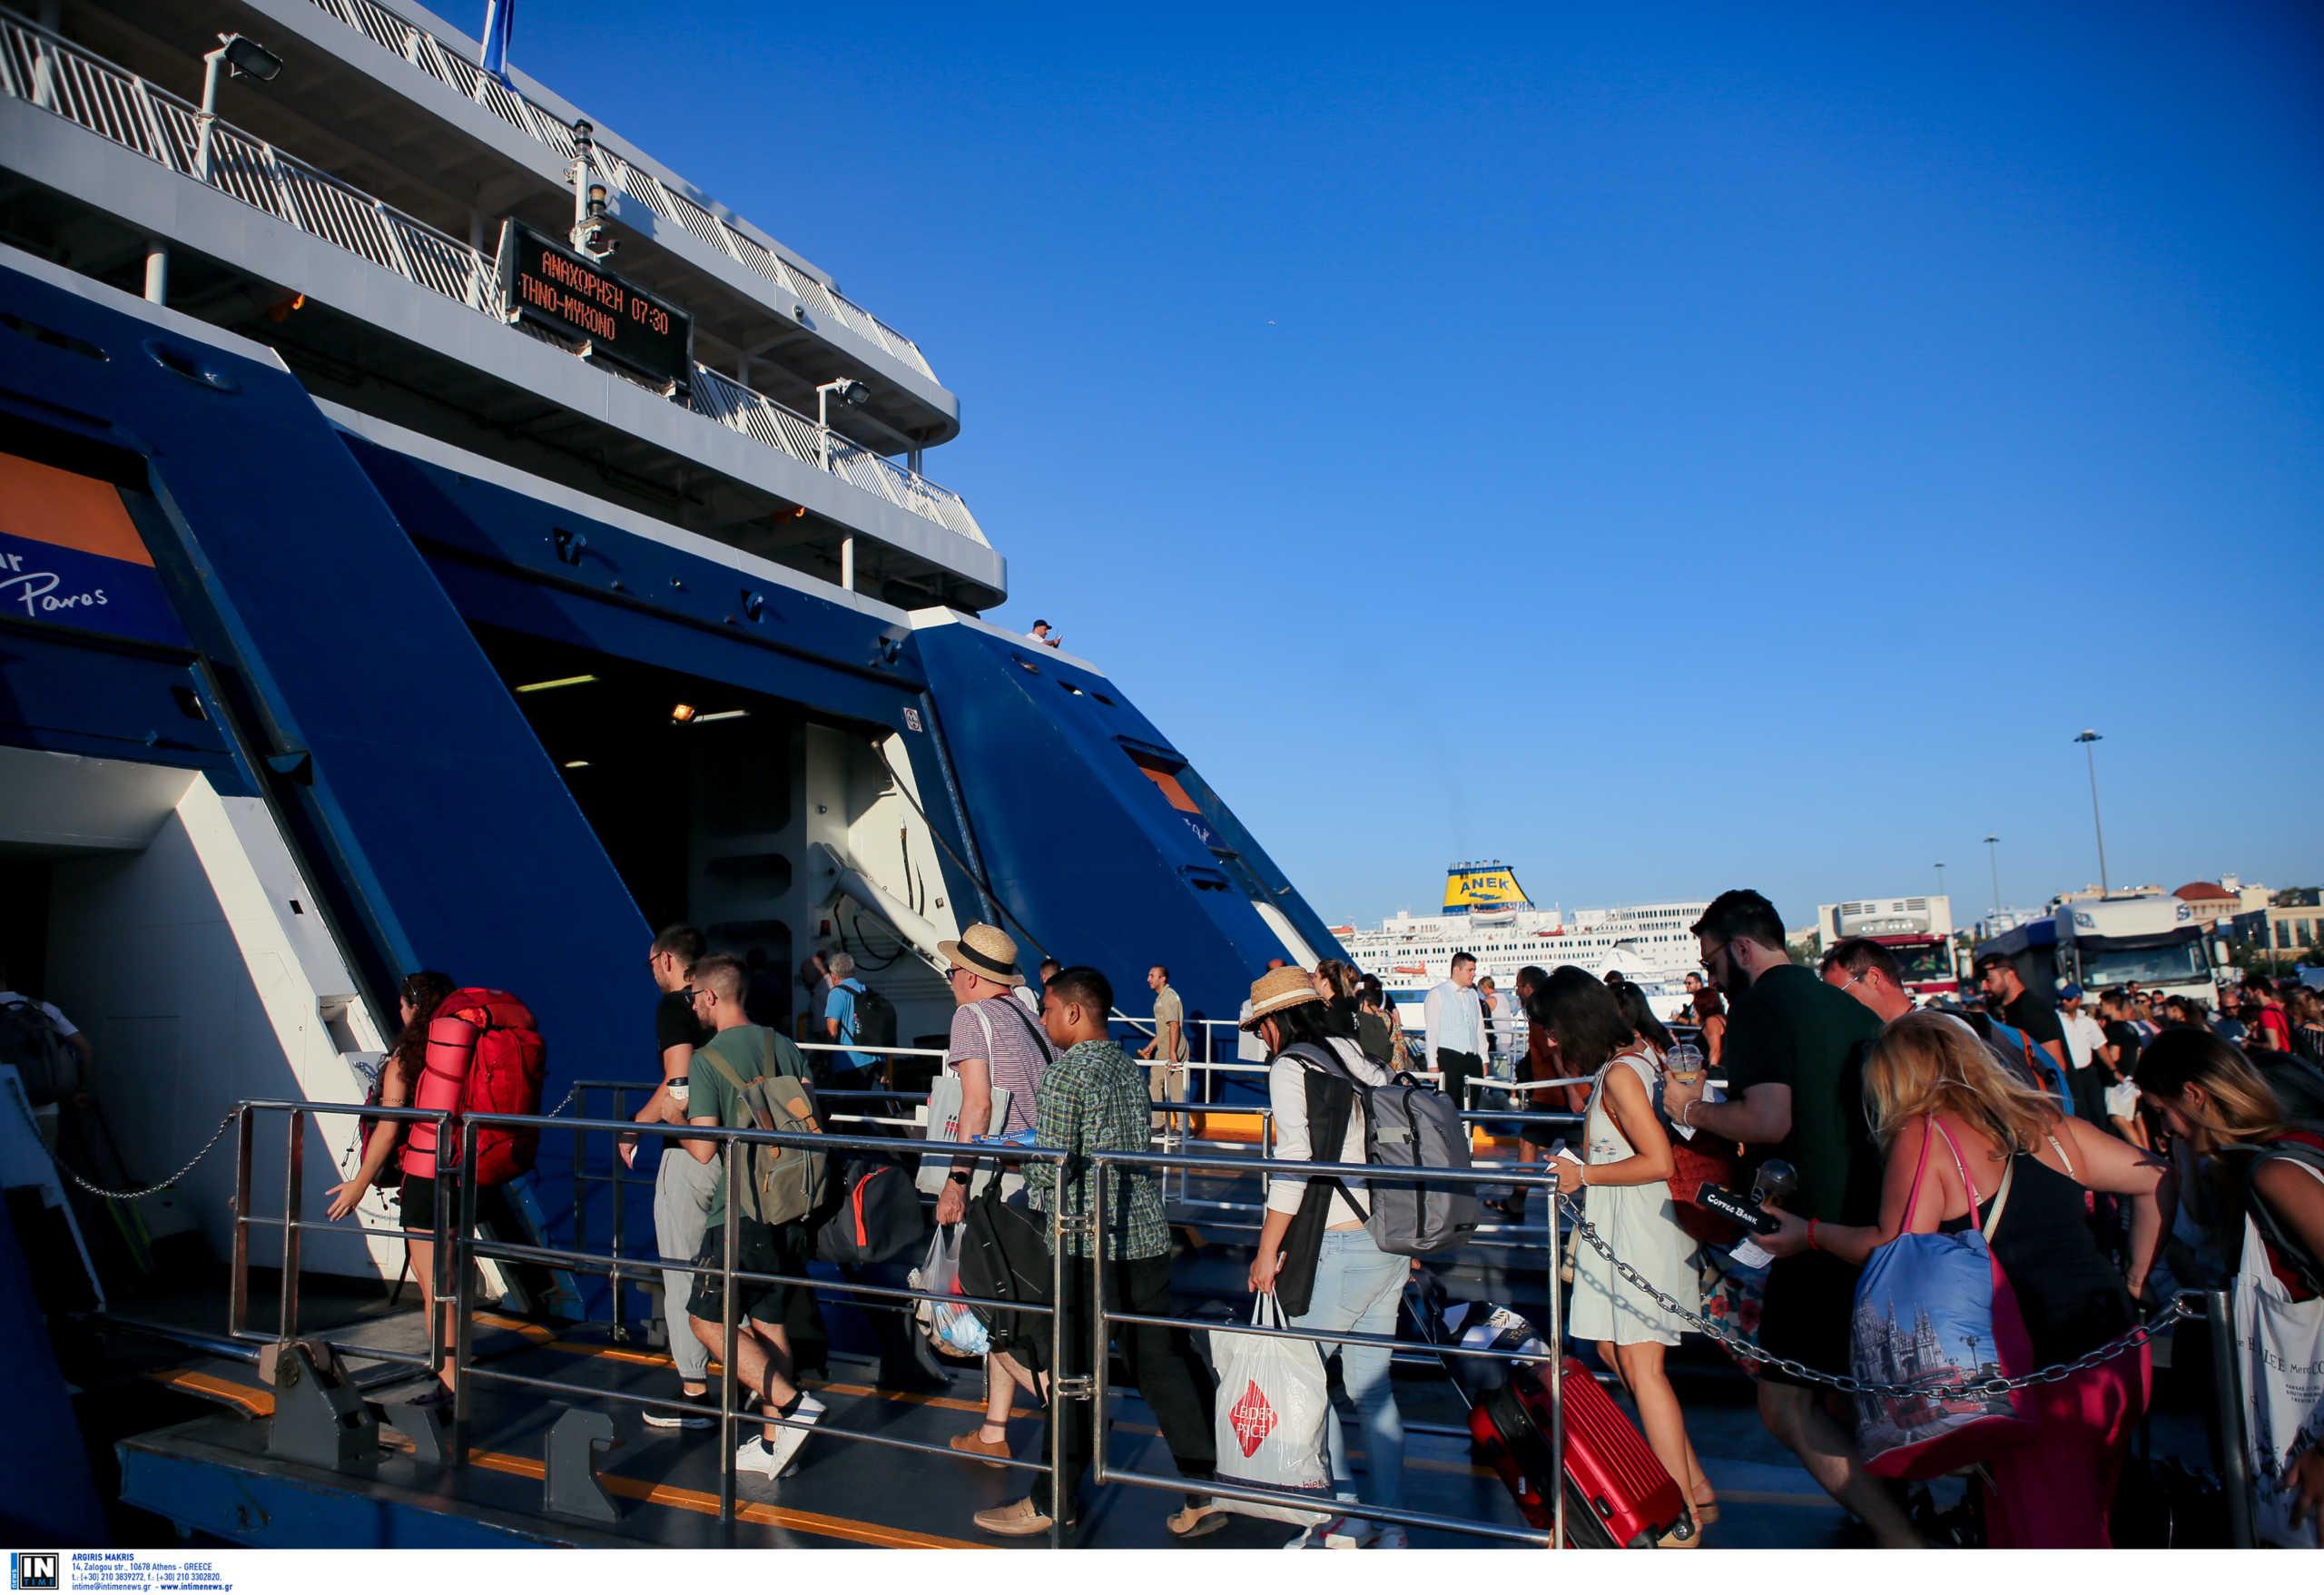 Όλα τα μέτρα για το ταξίδι με πλοίο – Μάσκες, θερμομέτρηση και οι μισοί επιβάτες